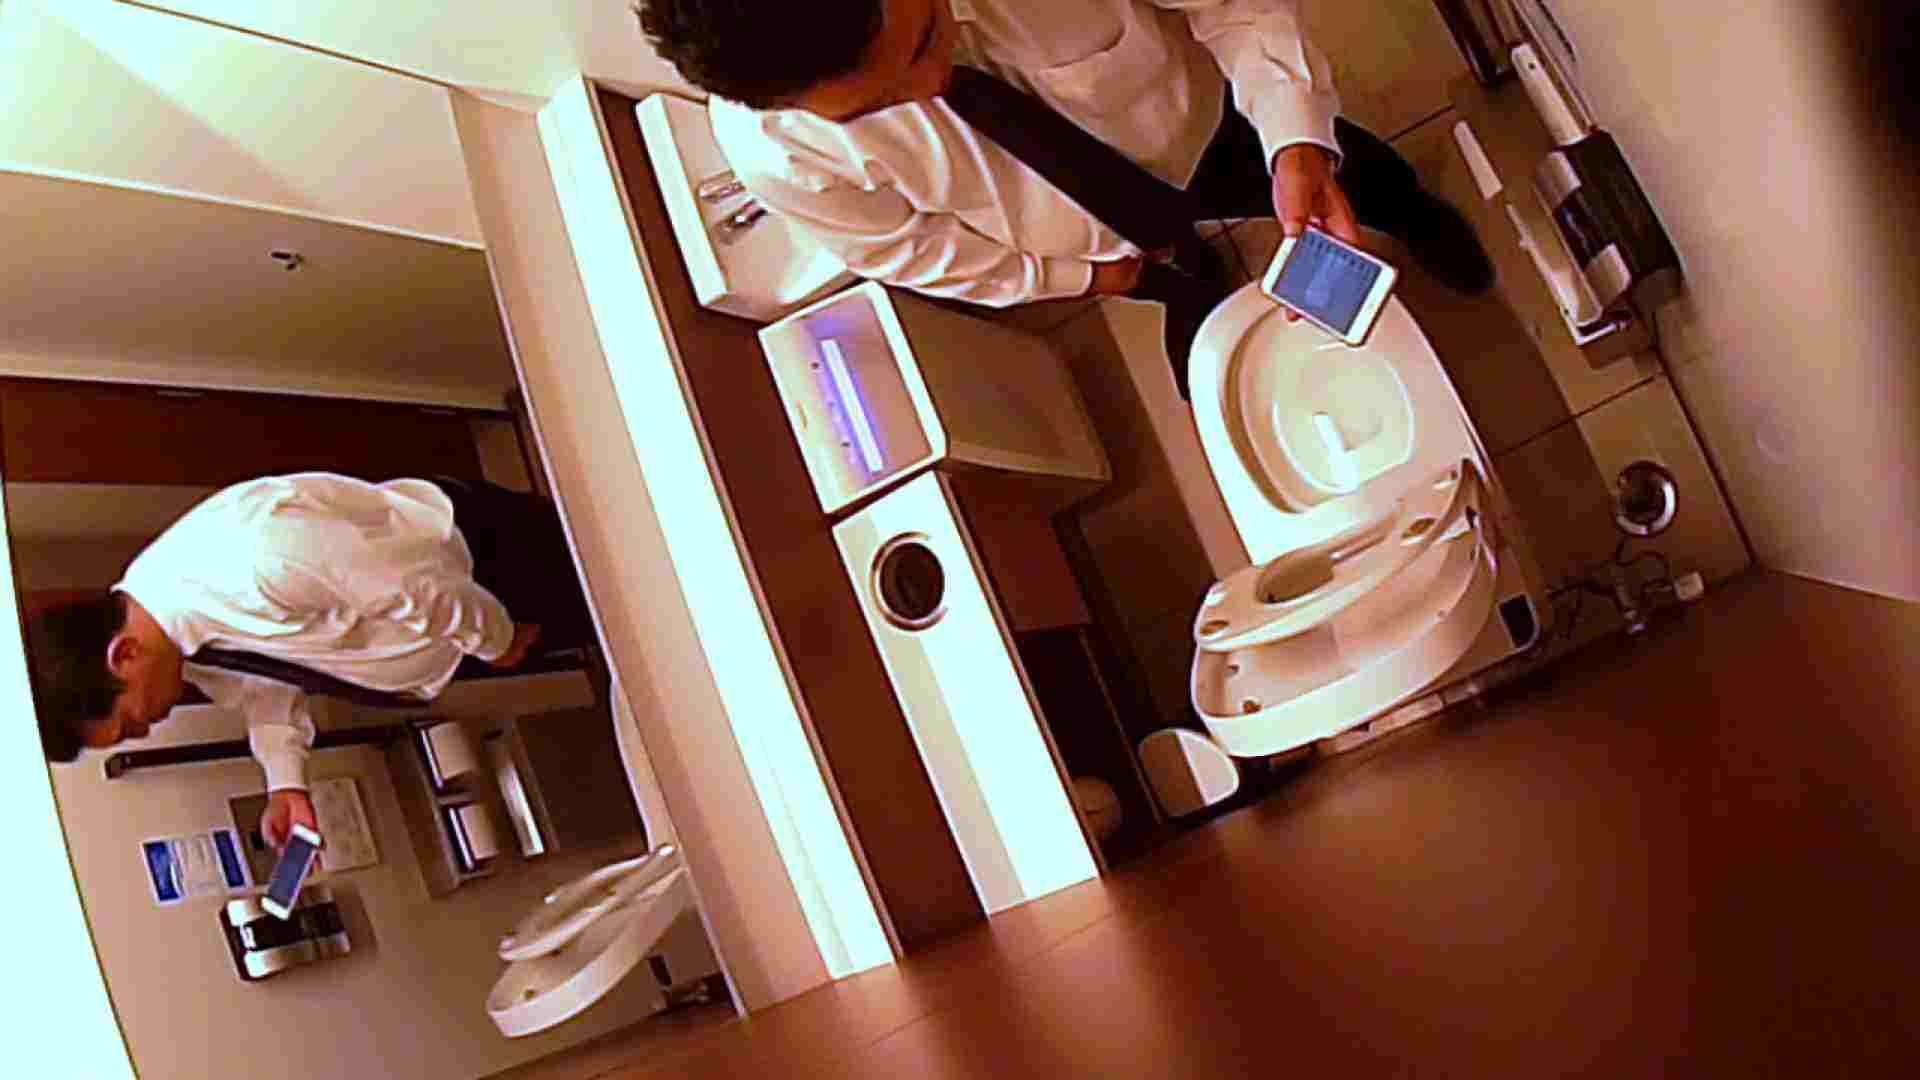 すみませんが覗かせてください Vol.31 トイレ | 0  94pic 66